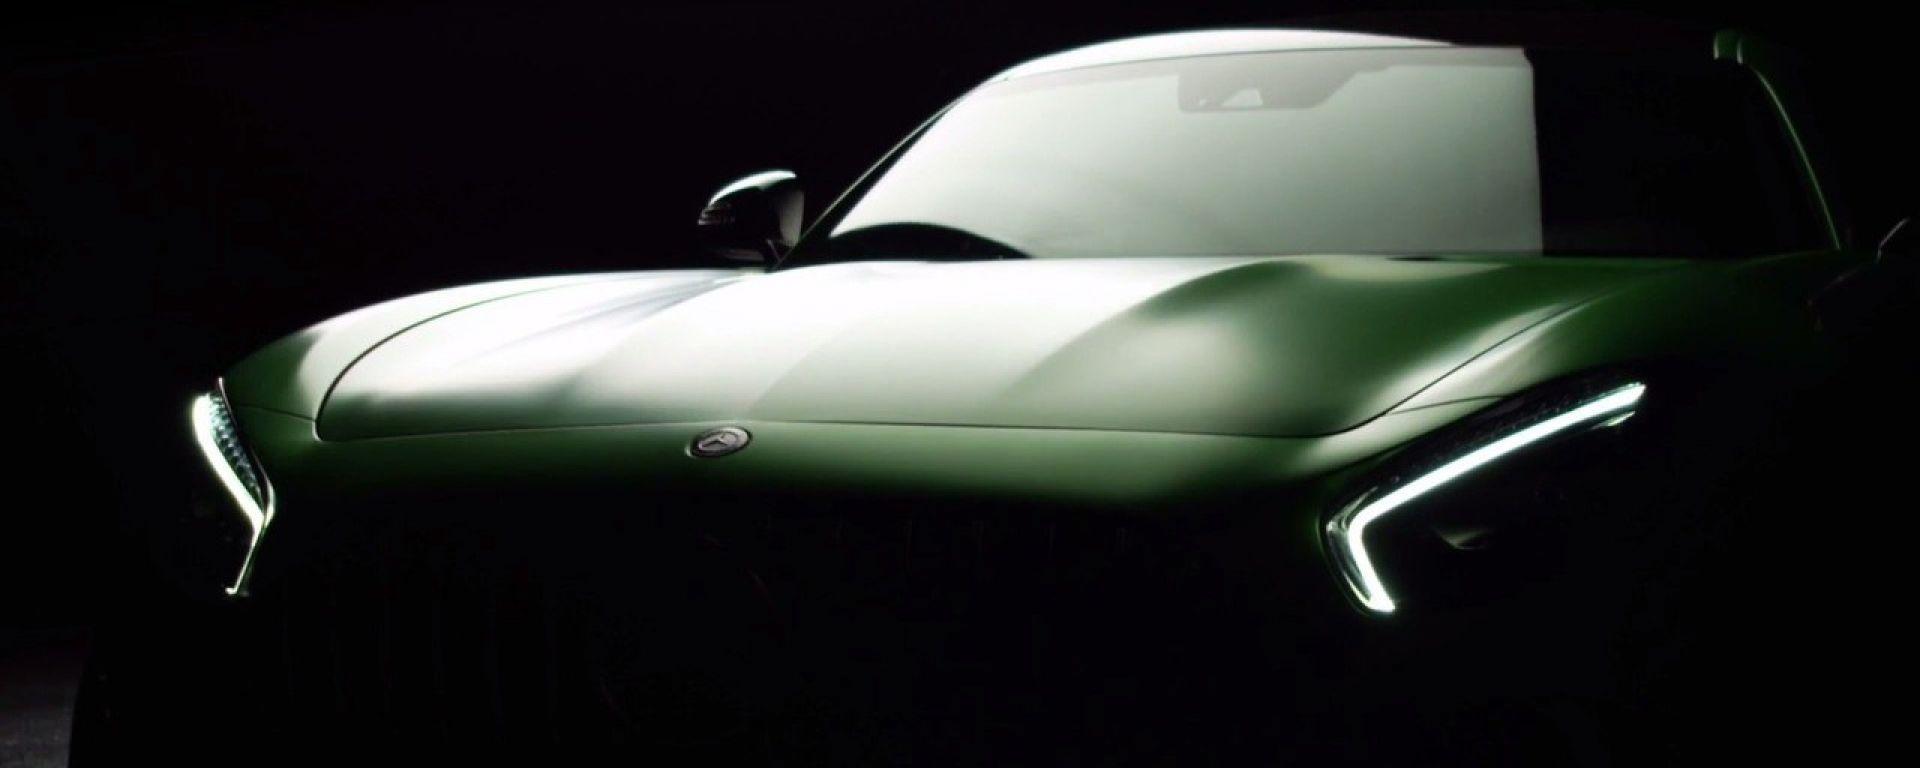 Mercedes-AMG GT R: la calandra è rovesciata